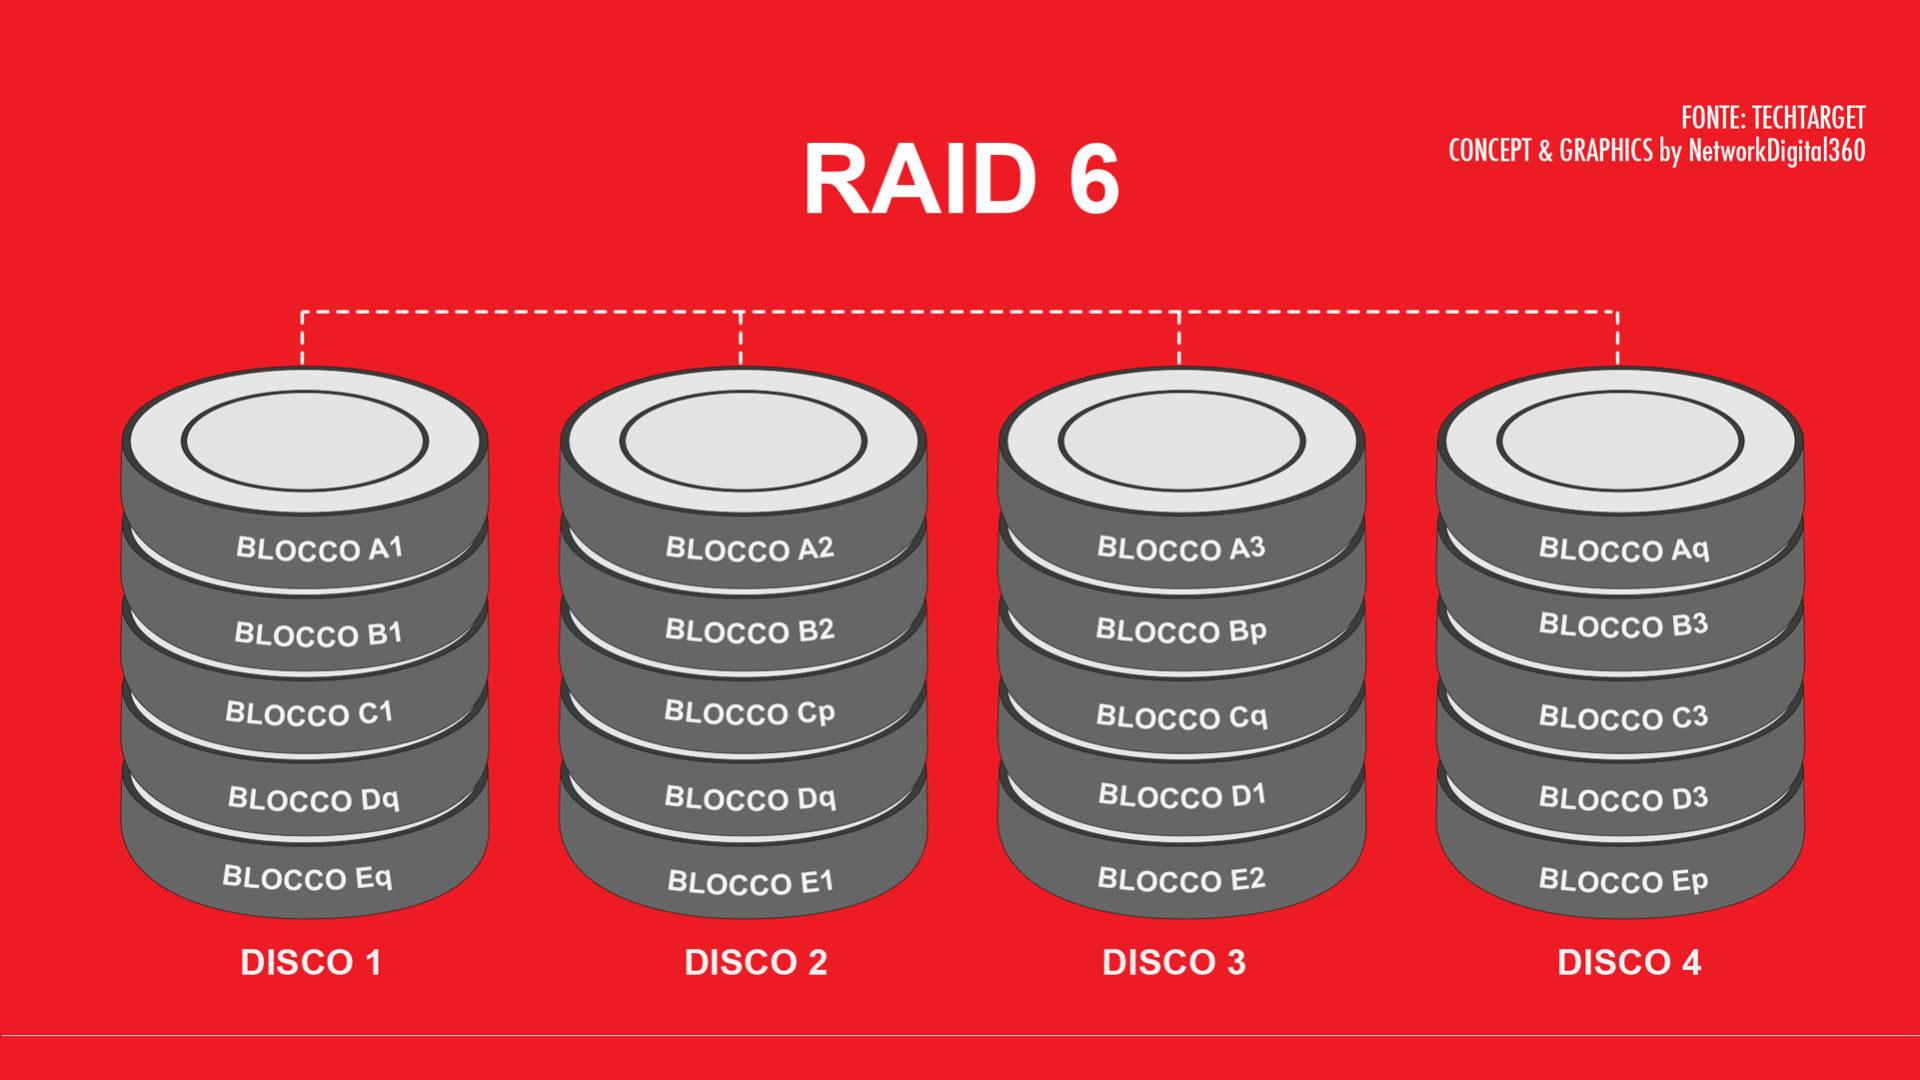 Schema che illustra il funzionamento di RAID 6